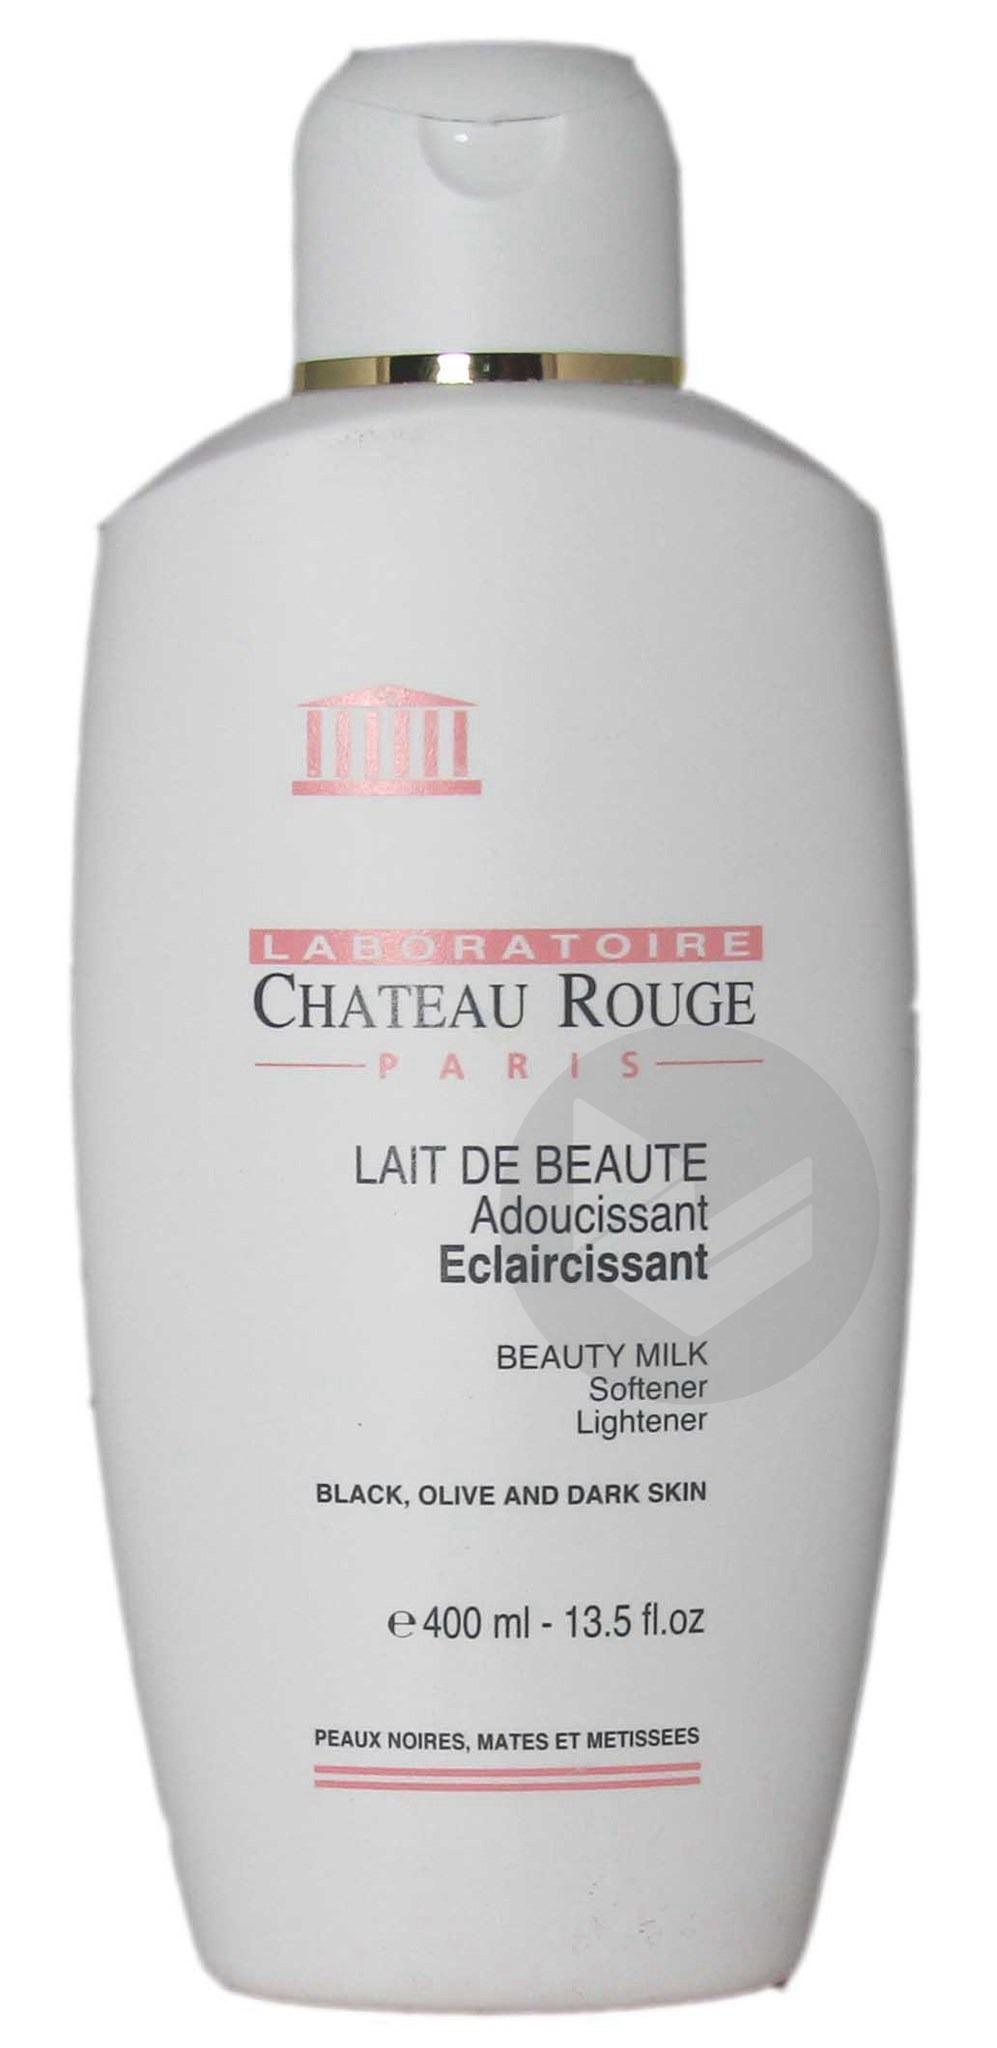 Chateau Rouge Lait Beaute Eclaircissant Visage Et Corps Fl 400 Ml